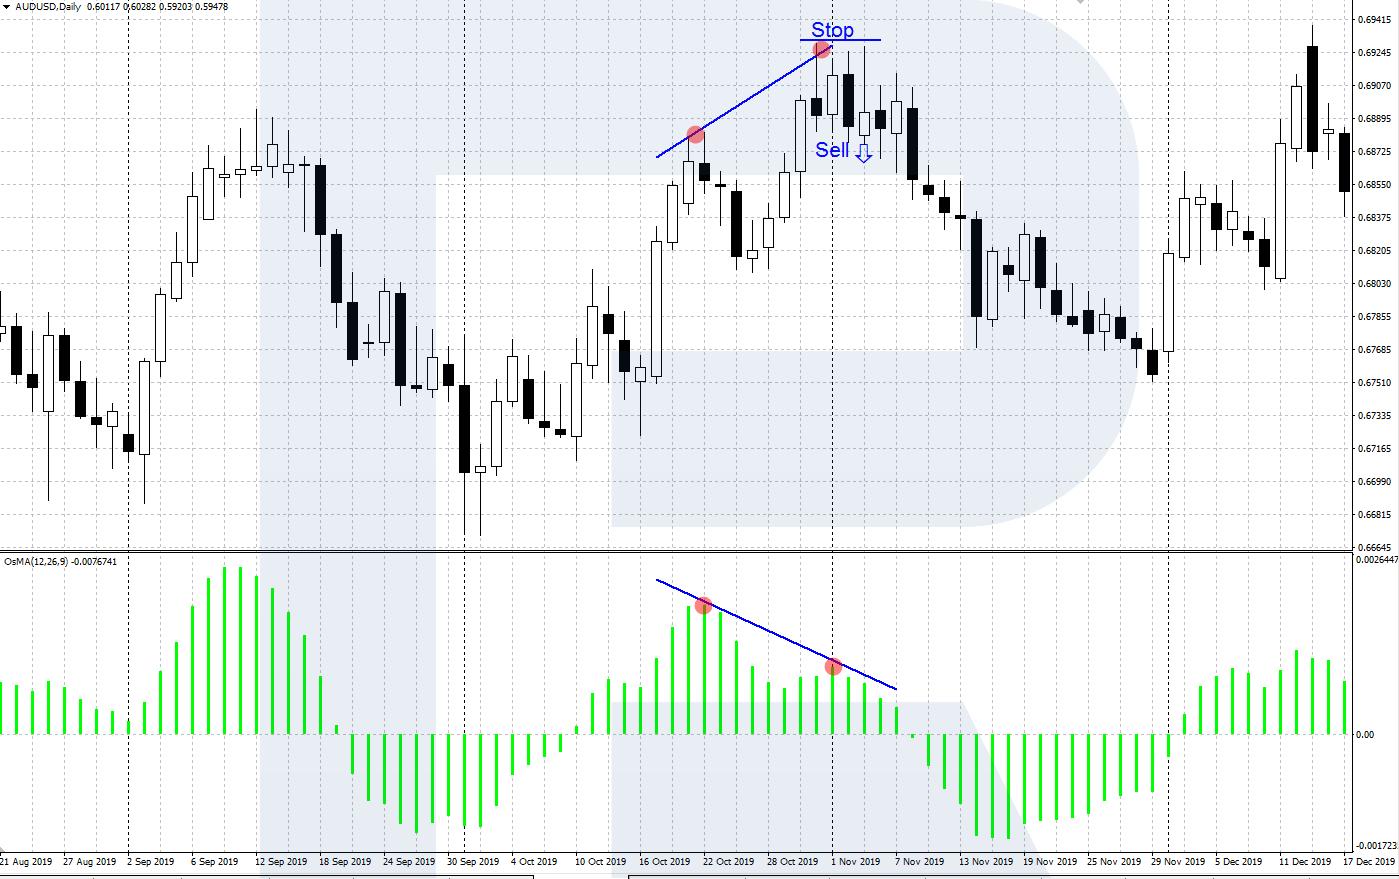 Lineāla stratēģija: tirdzniecība ikdienas diagrammās | R emuārs - RoboForex